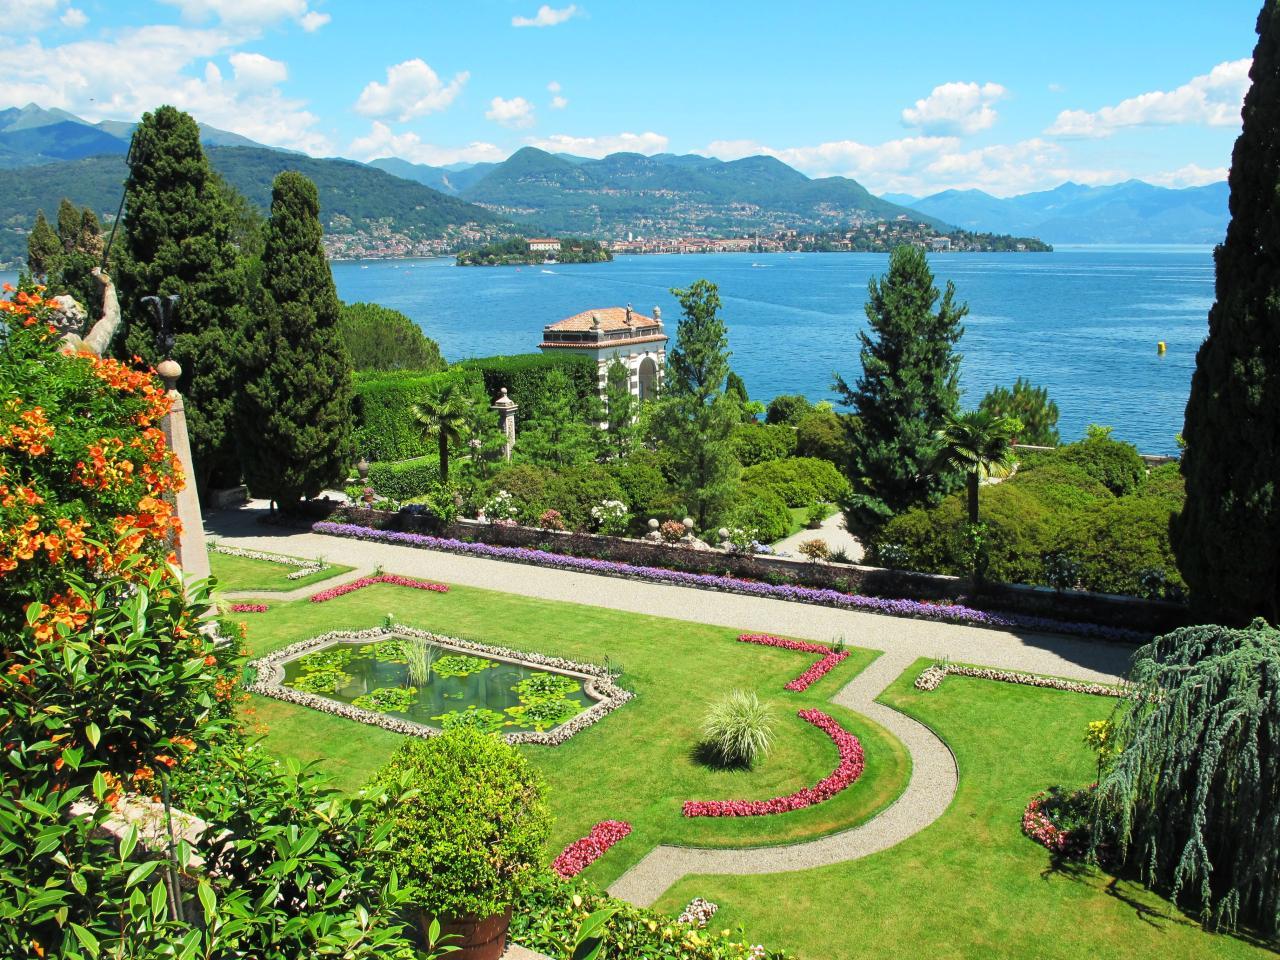 Bergamo, Milano, Lago Magiore, Lago Lugano vláček Bernina express